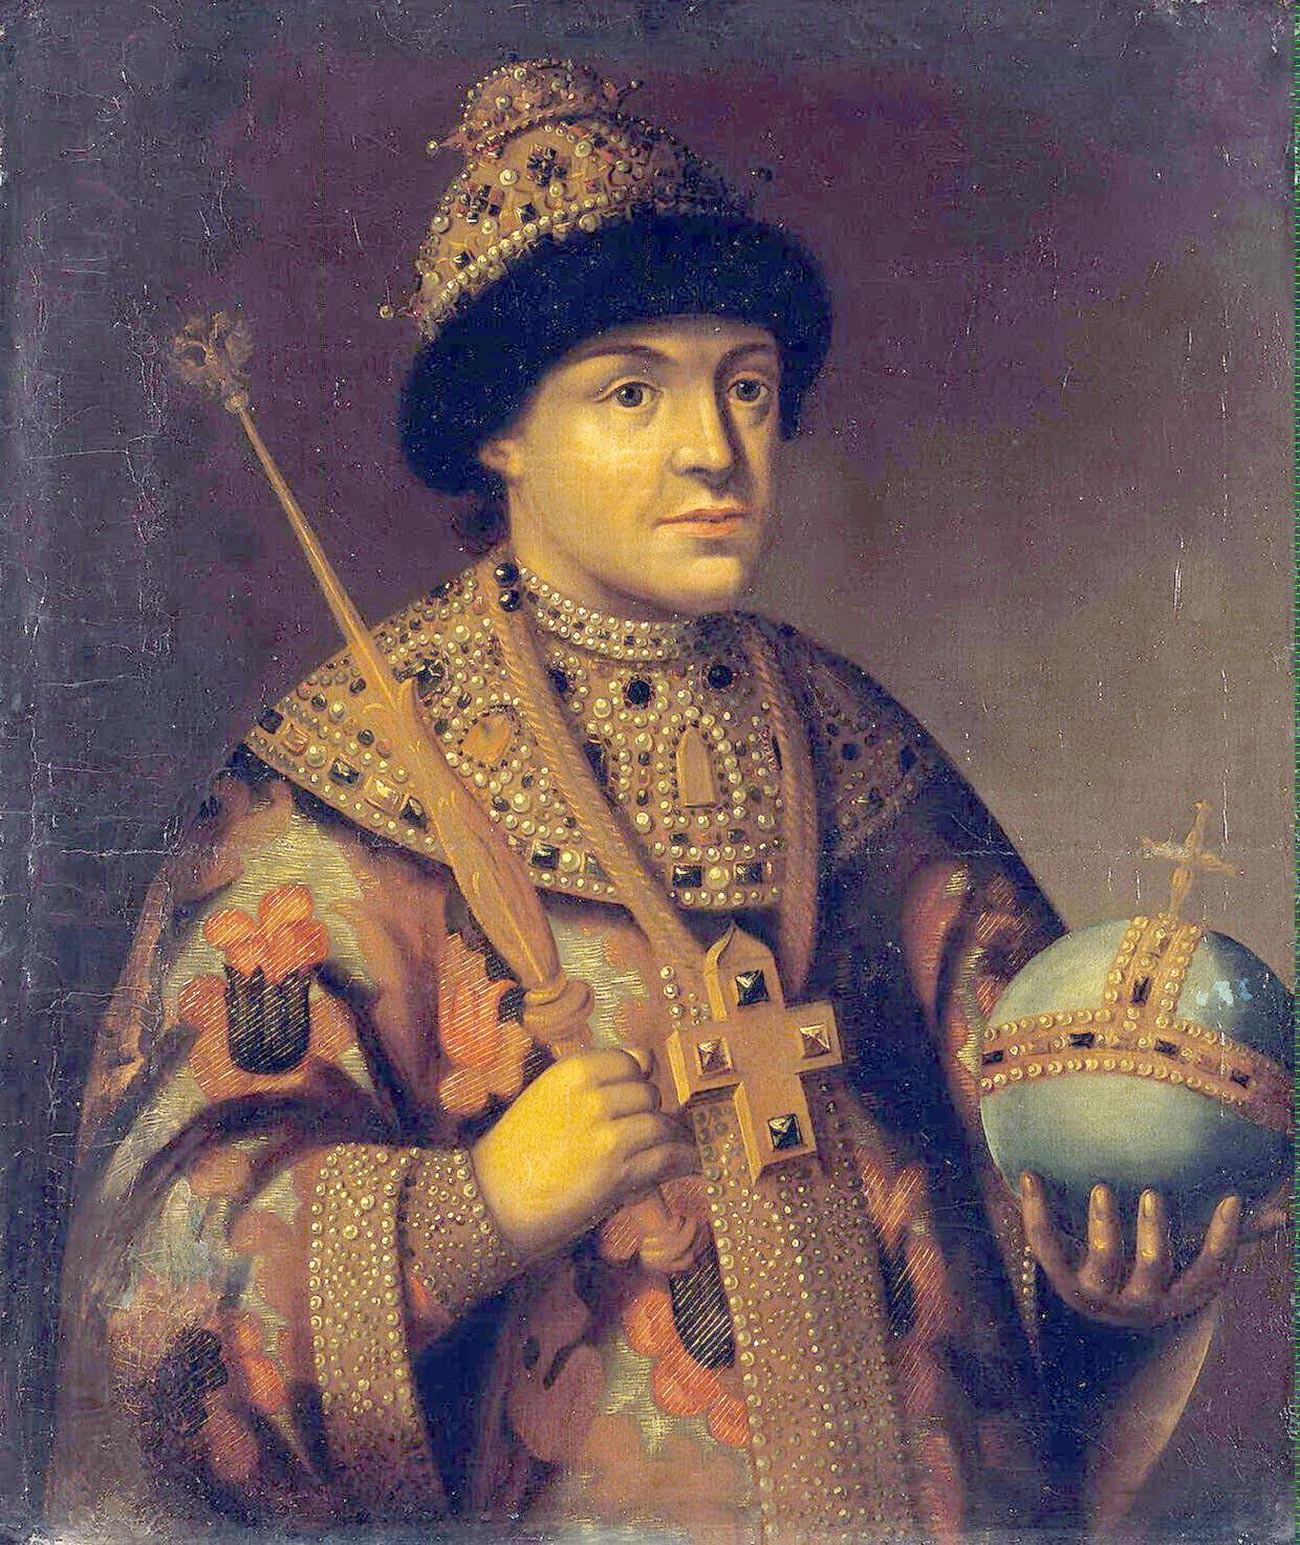 Zar Fjodor Alexejewitsch